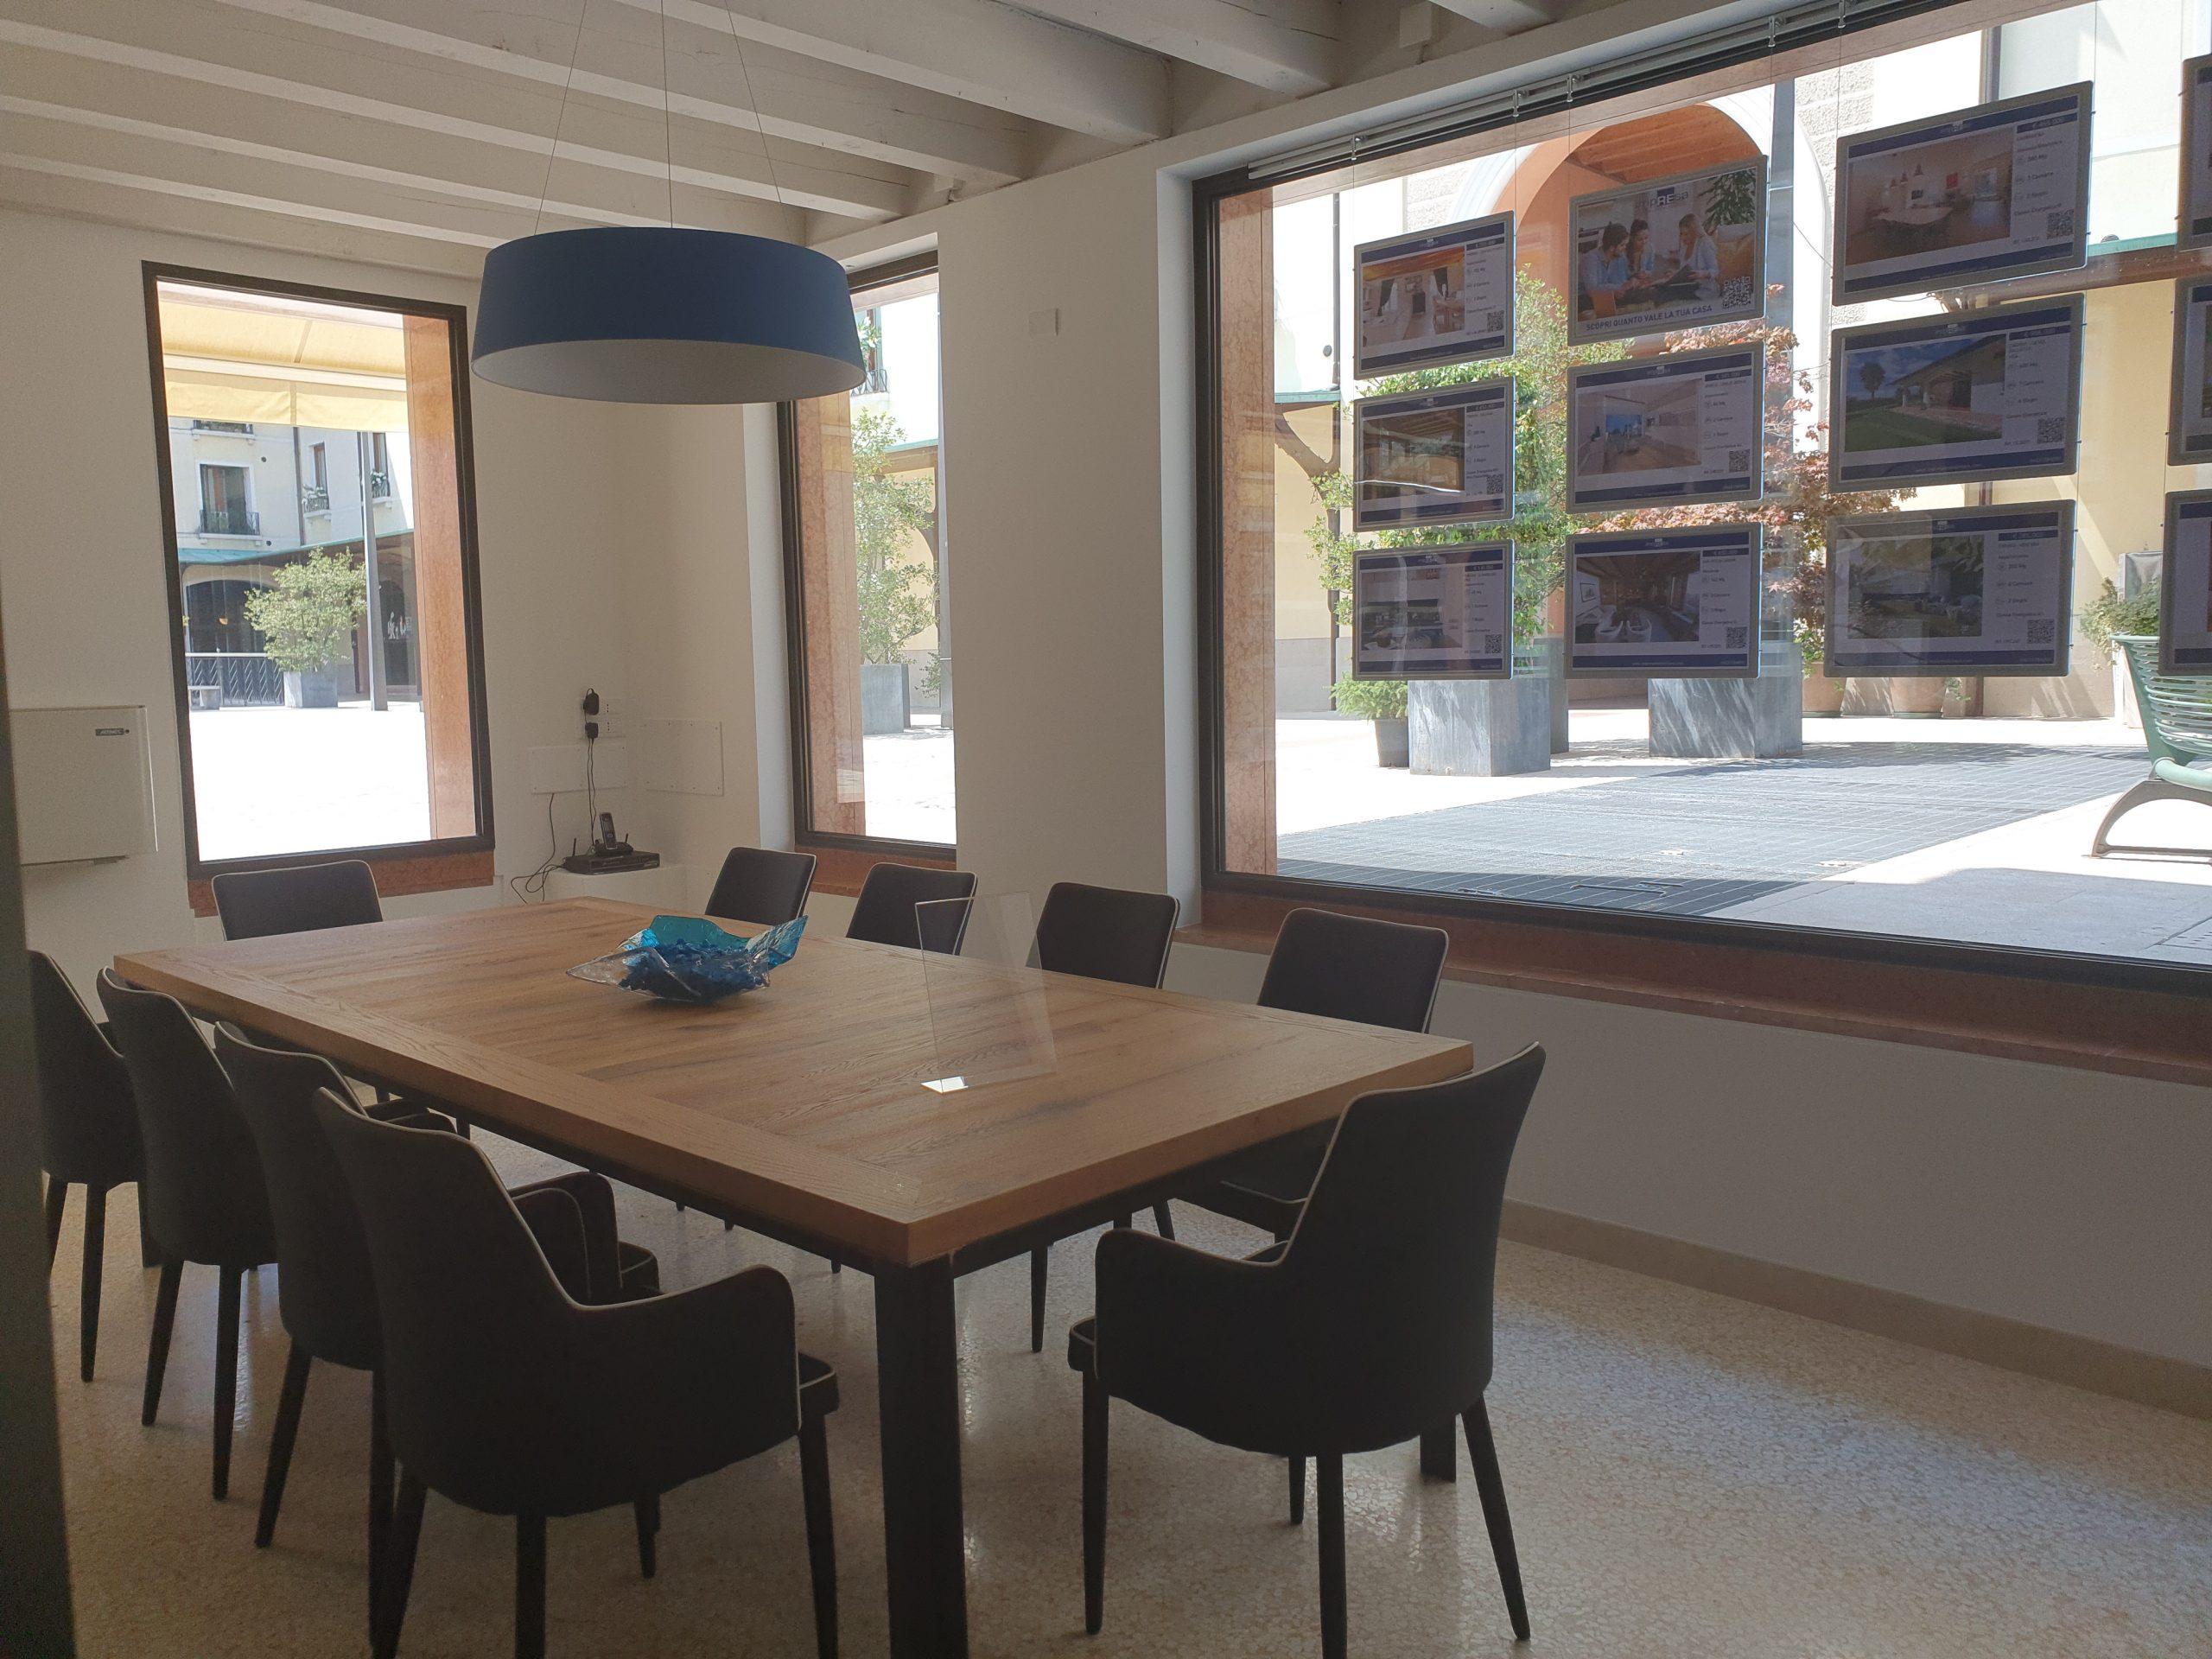 Agenzia immobiliare impREsa Treviso Quartiere Latino sala riunioni